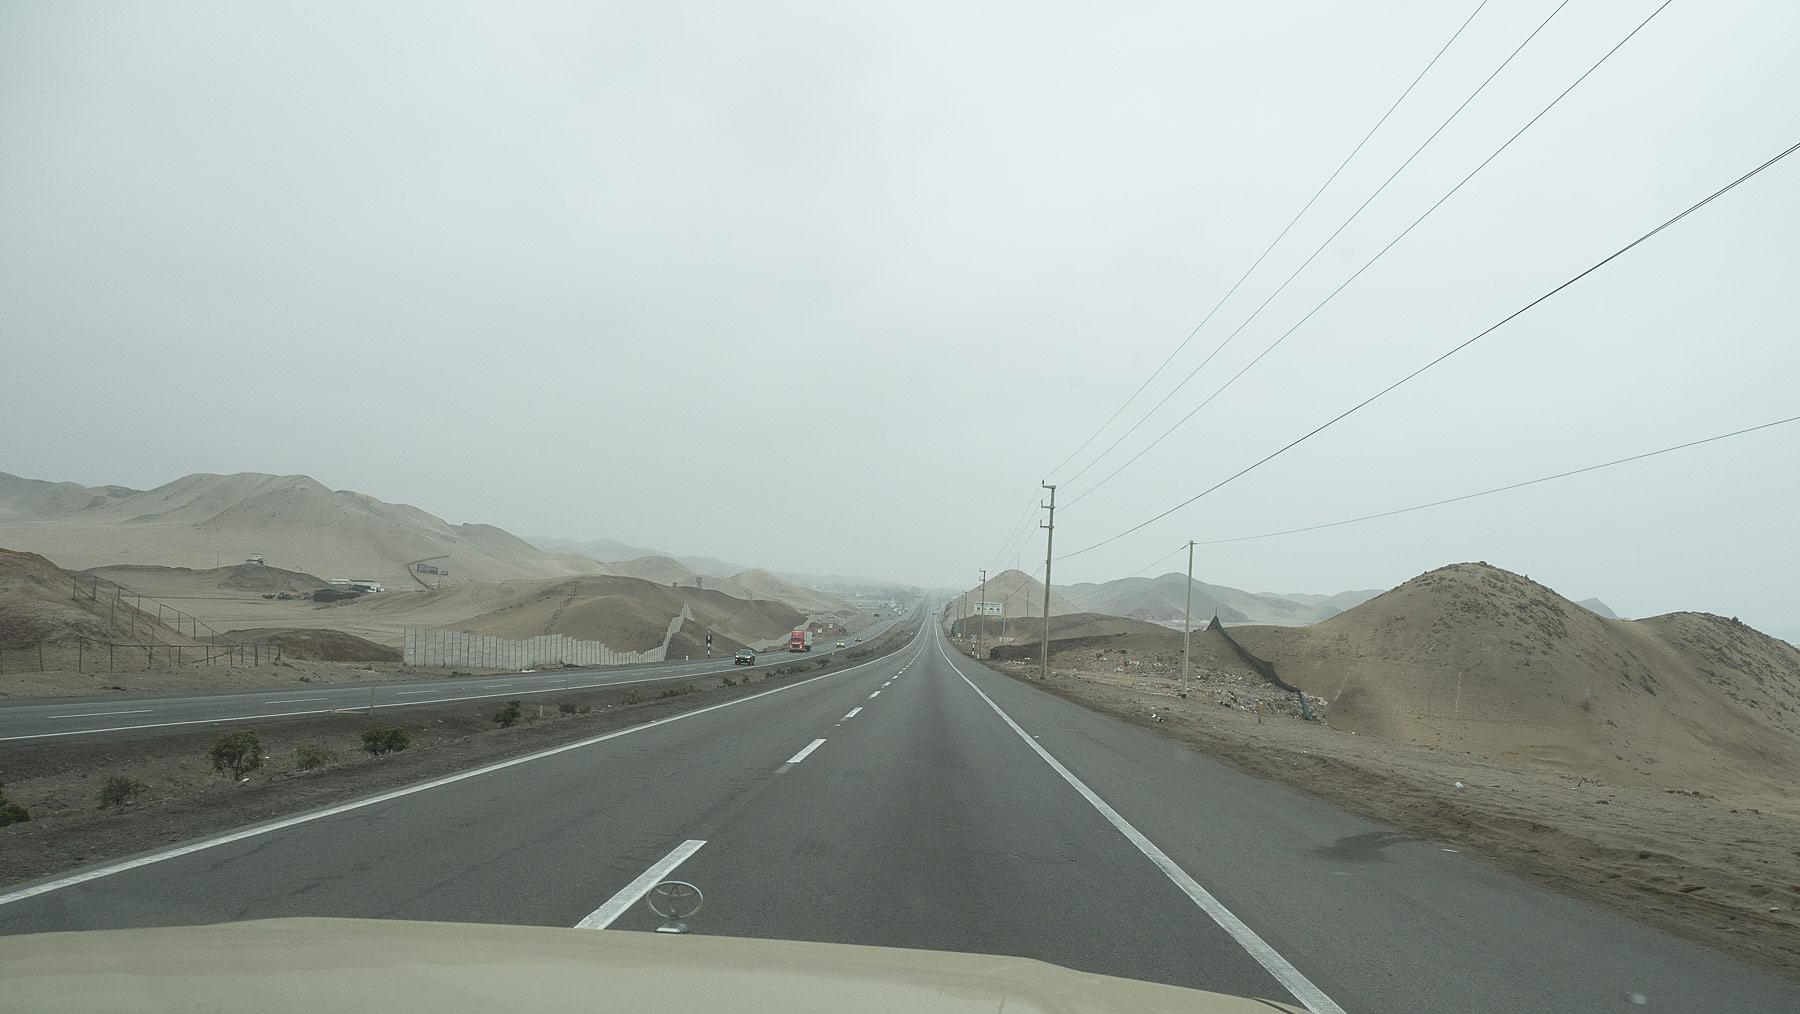 Fahrt entlang dem Pazifik im Nebel